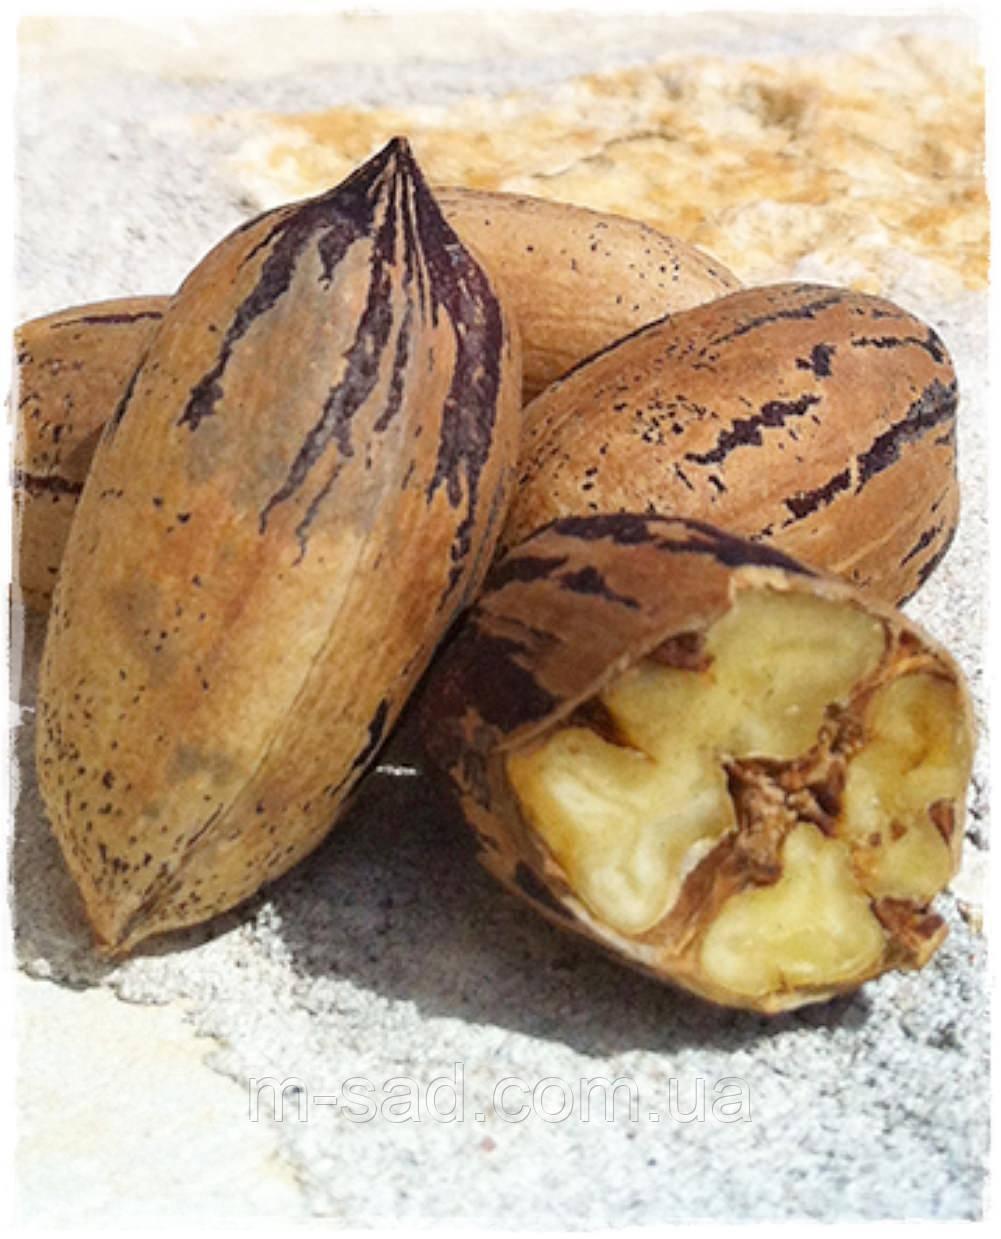 Саженцы ореха Пекан Шавния  Chawnee (двухлетний)